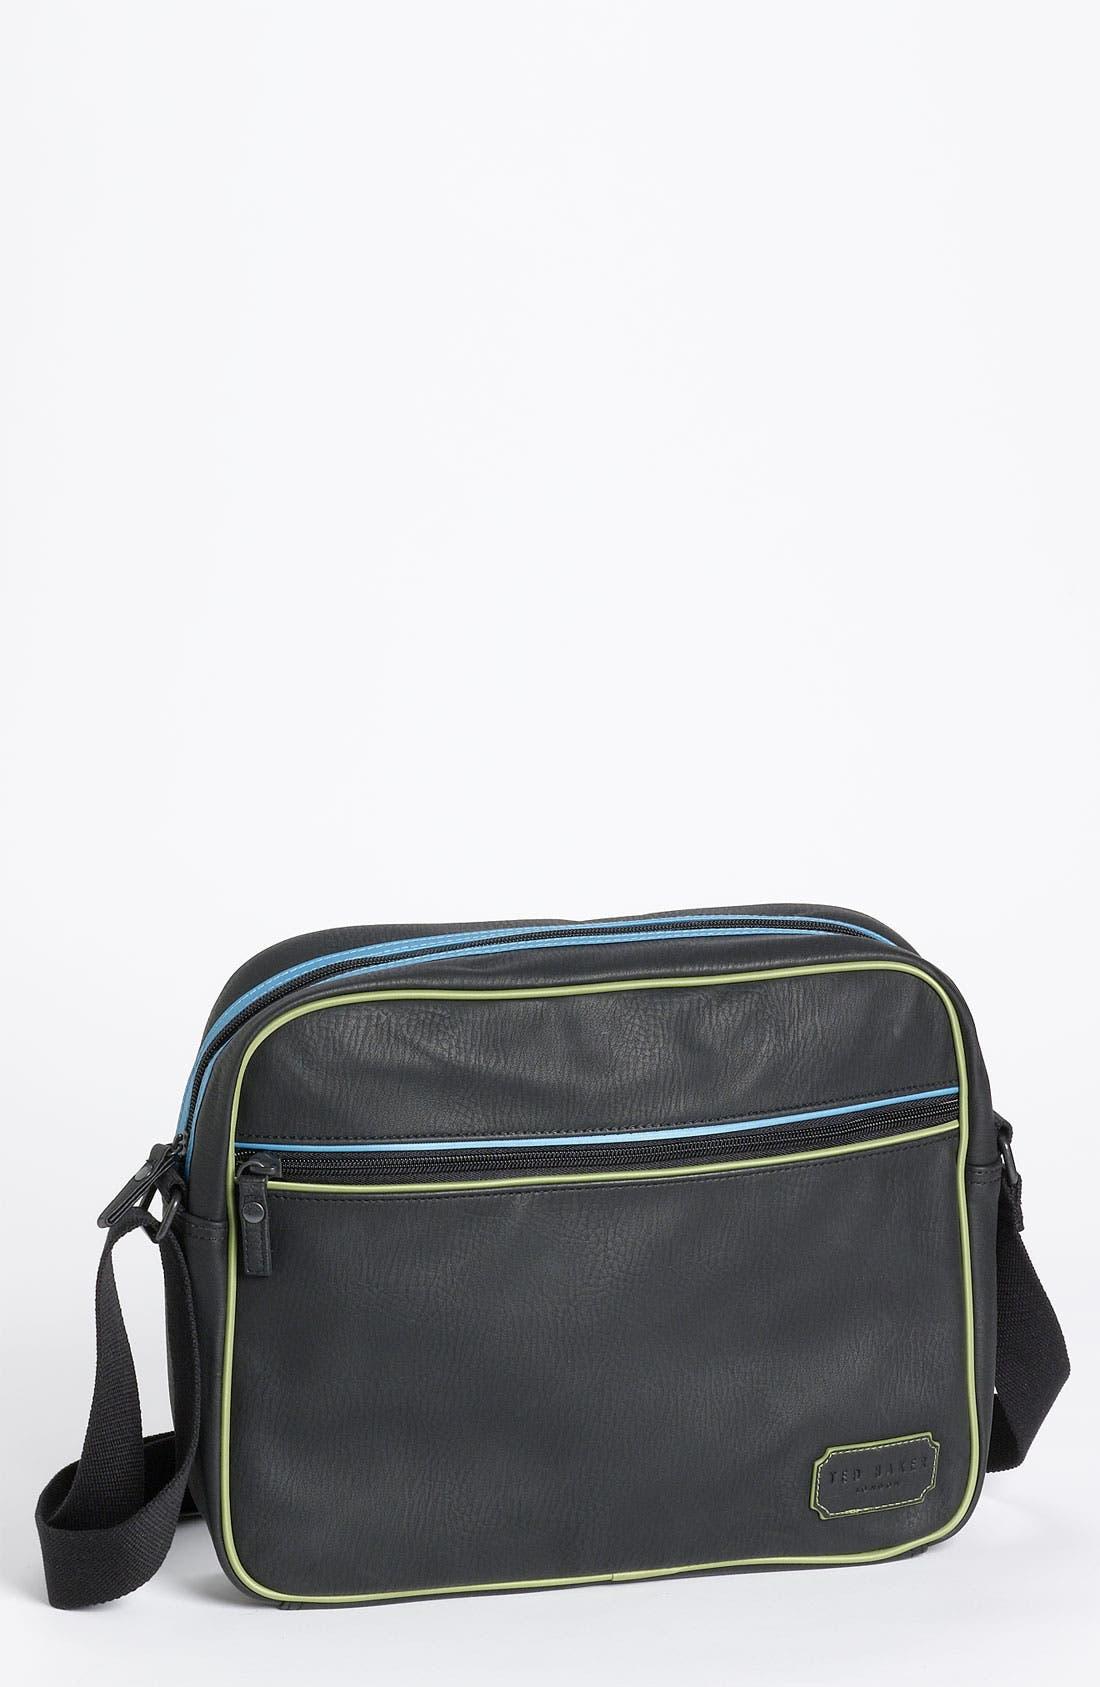 Alternate Image 1 Selected - Ted Baker London 'Despatch' Messenger Bag